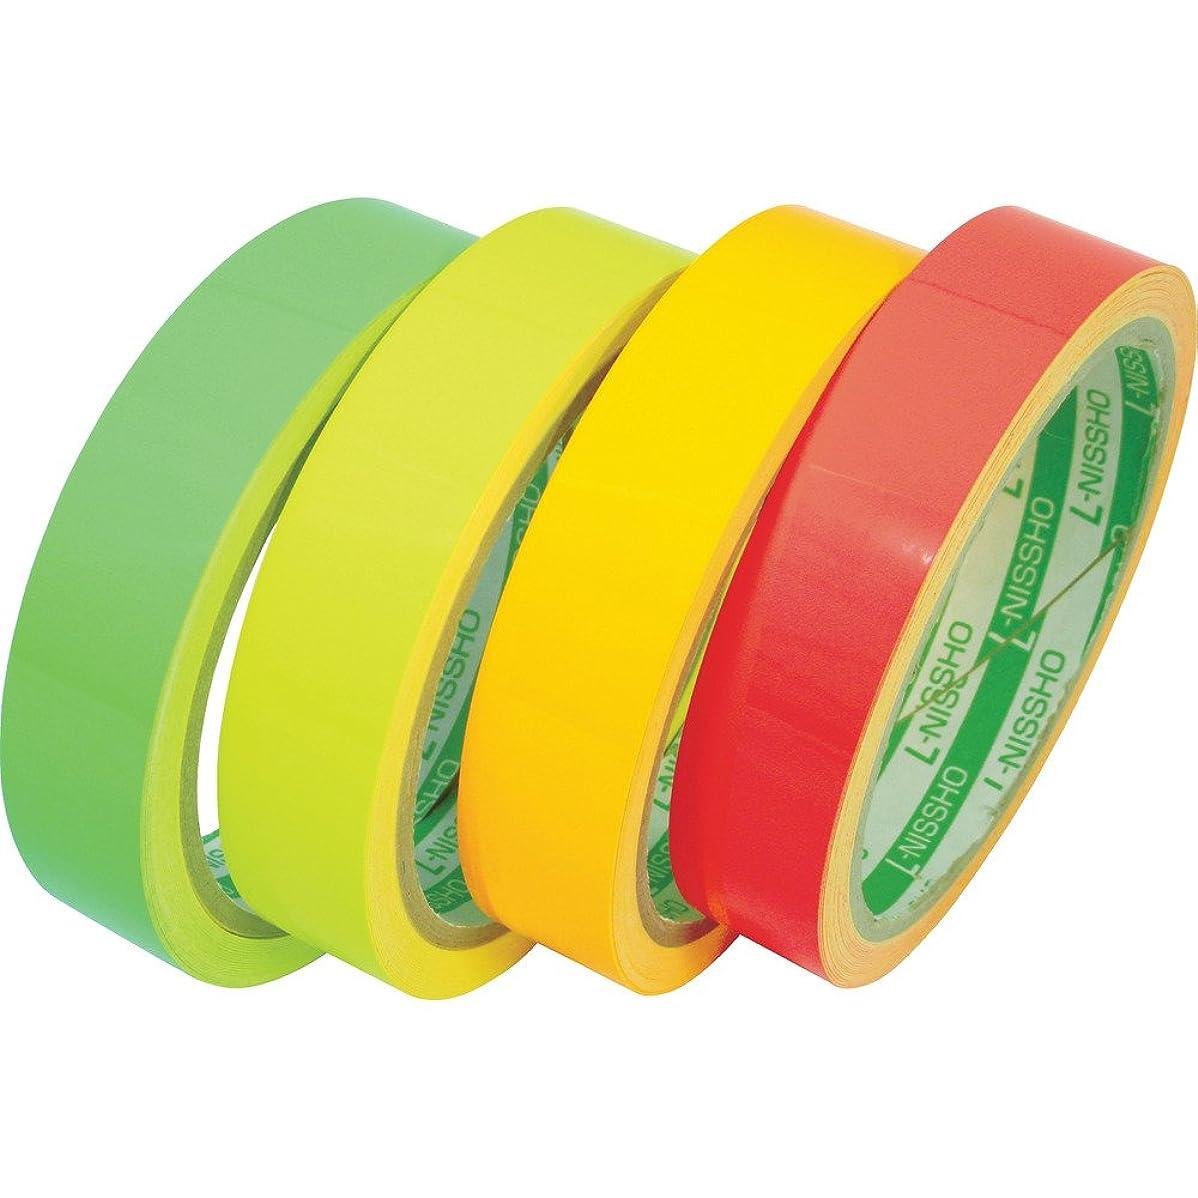 放映ワイドチップ日東エルマテ 蛍光テープ 200mmX5m レッド LK-200R 反射テープ